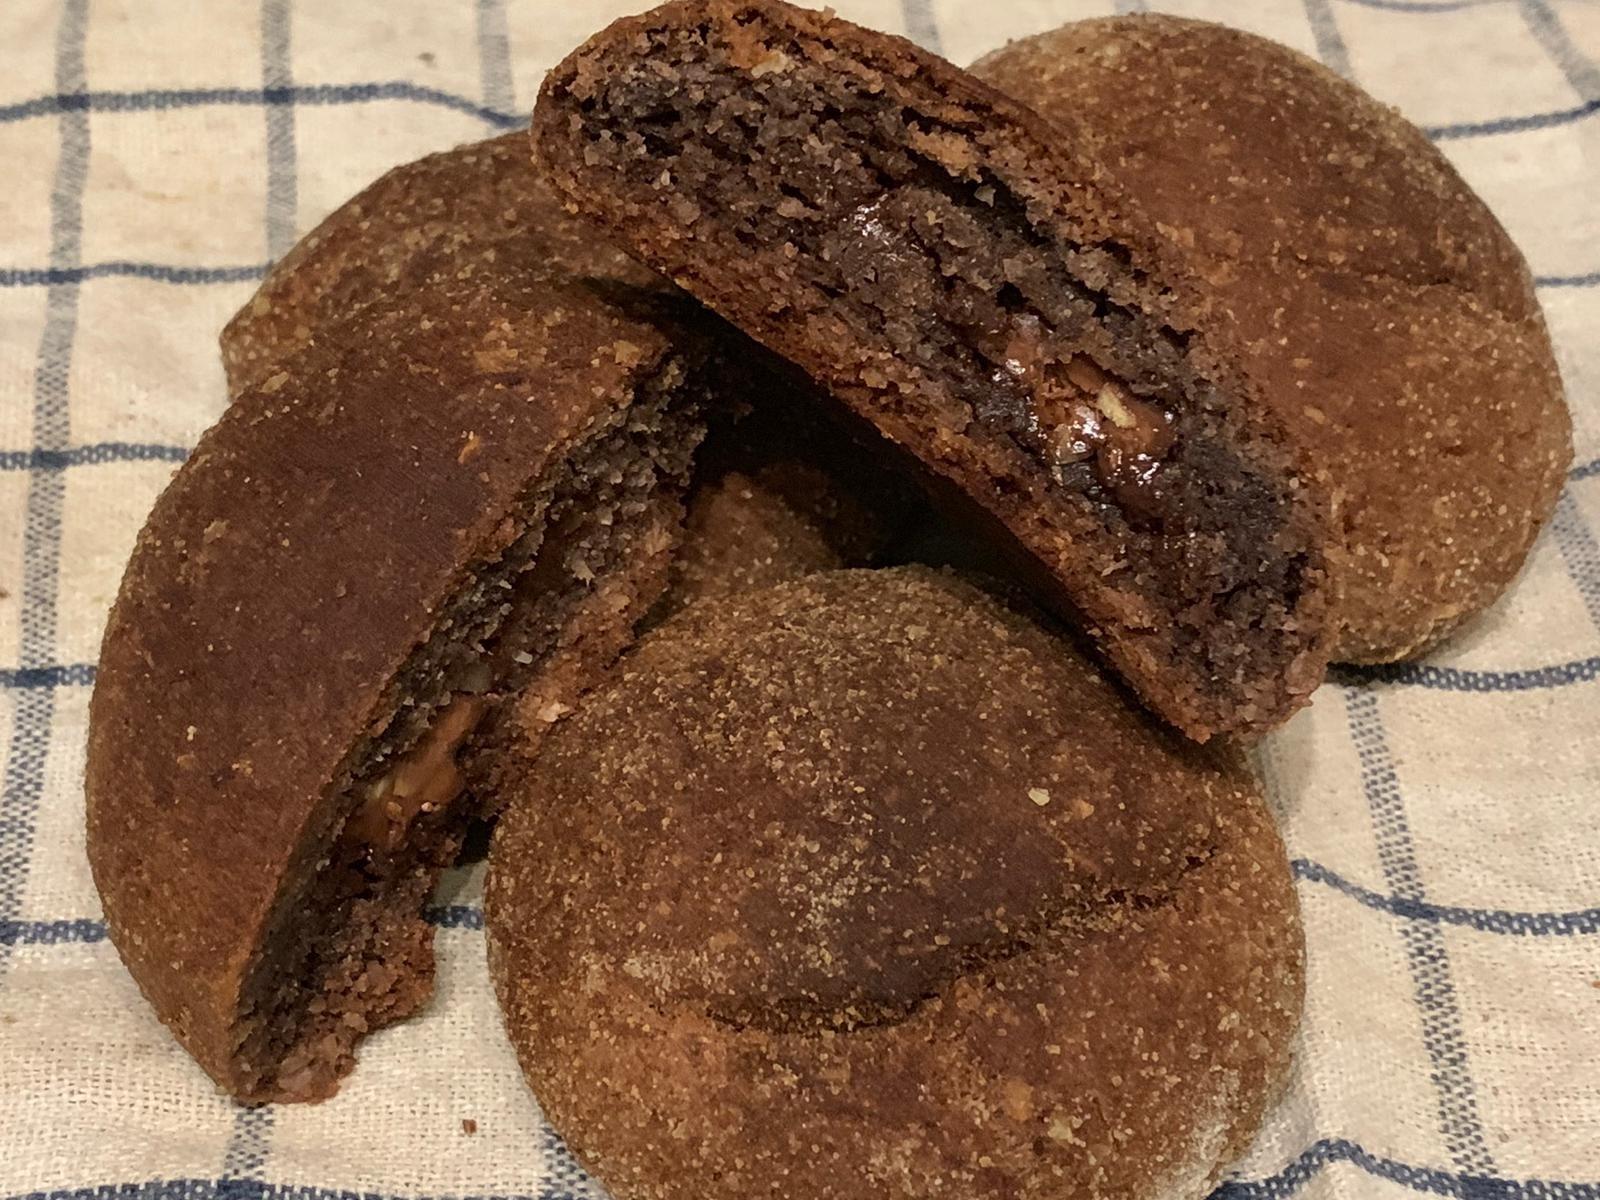 Kokos Schoko Brötchen mit flüssigen Schoko Kern